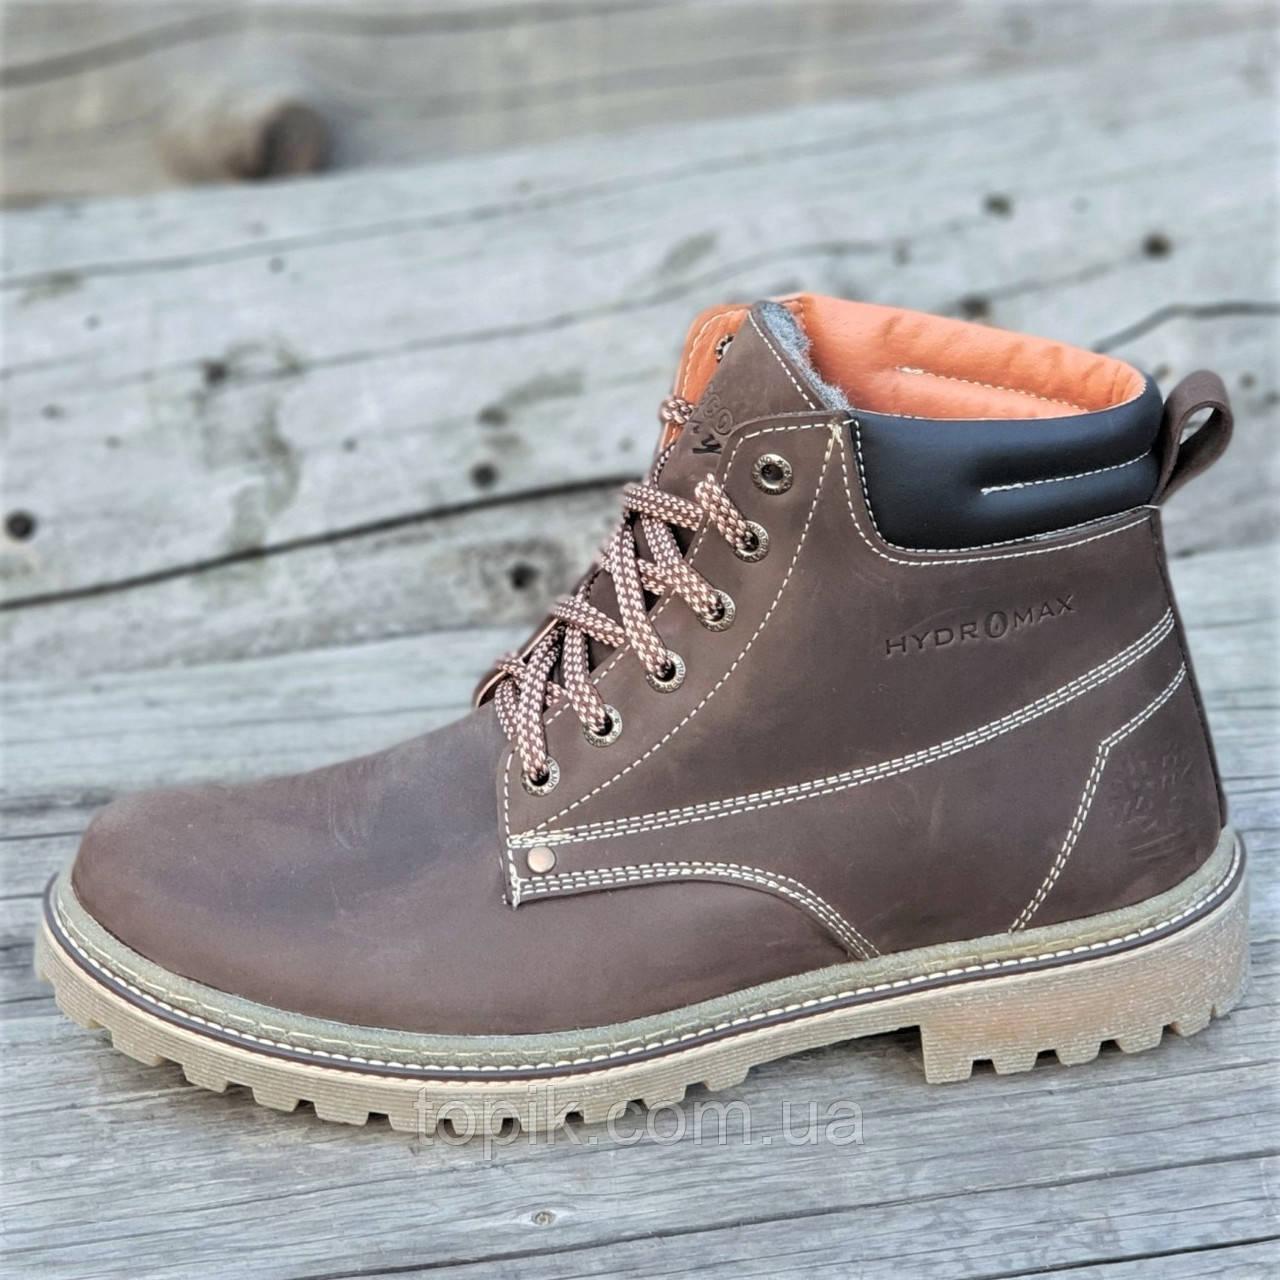 Стильные зимние кожаные ботинки мужские коричневые натуральный мех на полиуретановой подошве (Код: 1280)